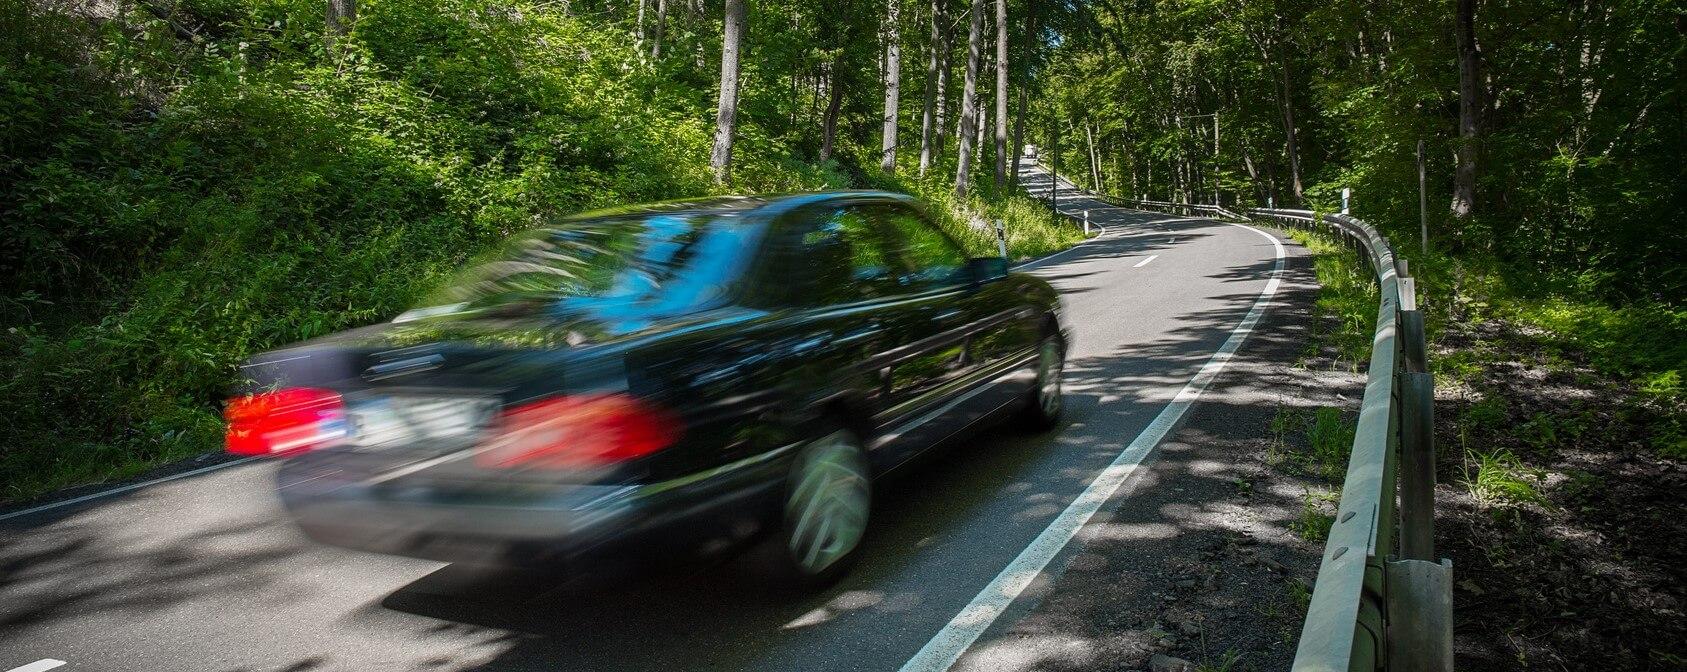 Photographie d'une voiture circulant en fôret